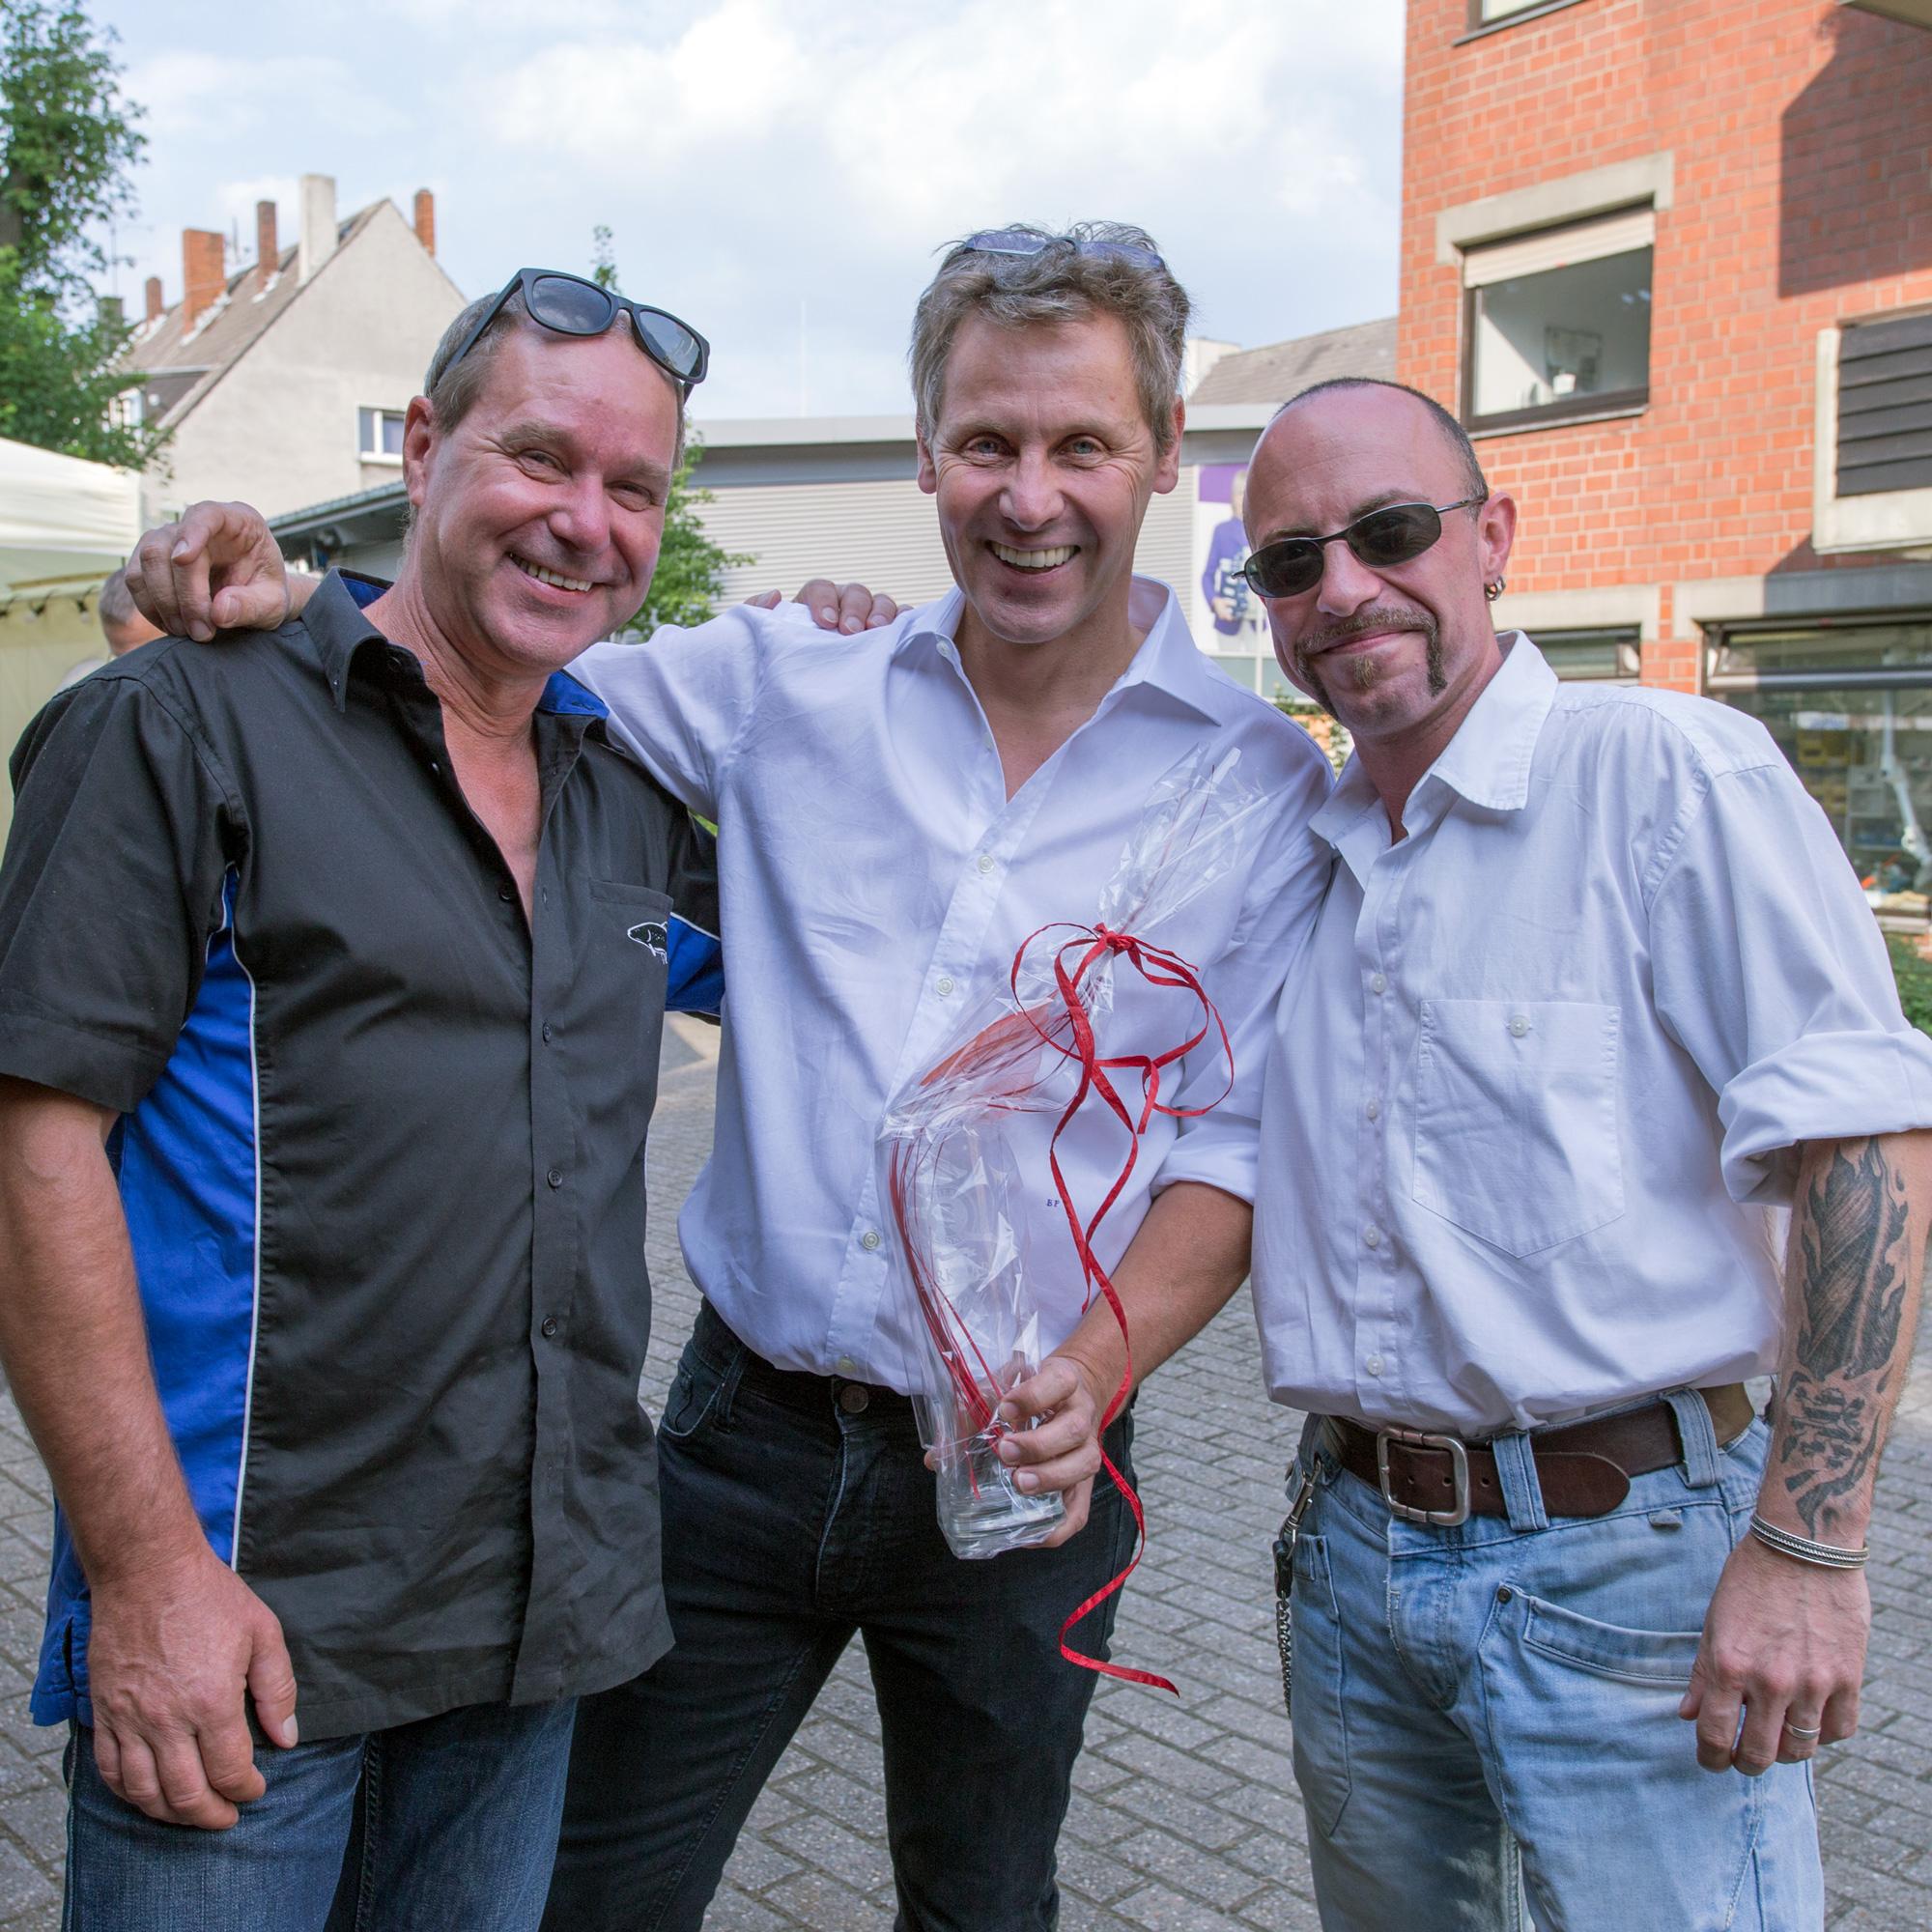 Burkhard Püttmann mit Jochen Hedke (links) und Dennis Geburzi (rechts) von der Einkaufsgenossenschaft EGROH